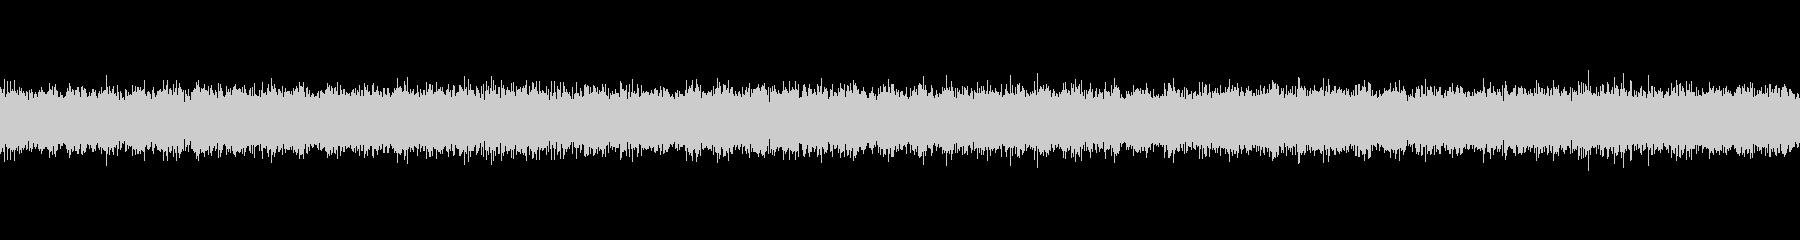 【生録音】ループで使える夏の虫の声 2の未再生の波形